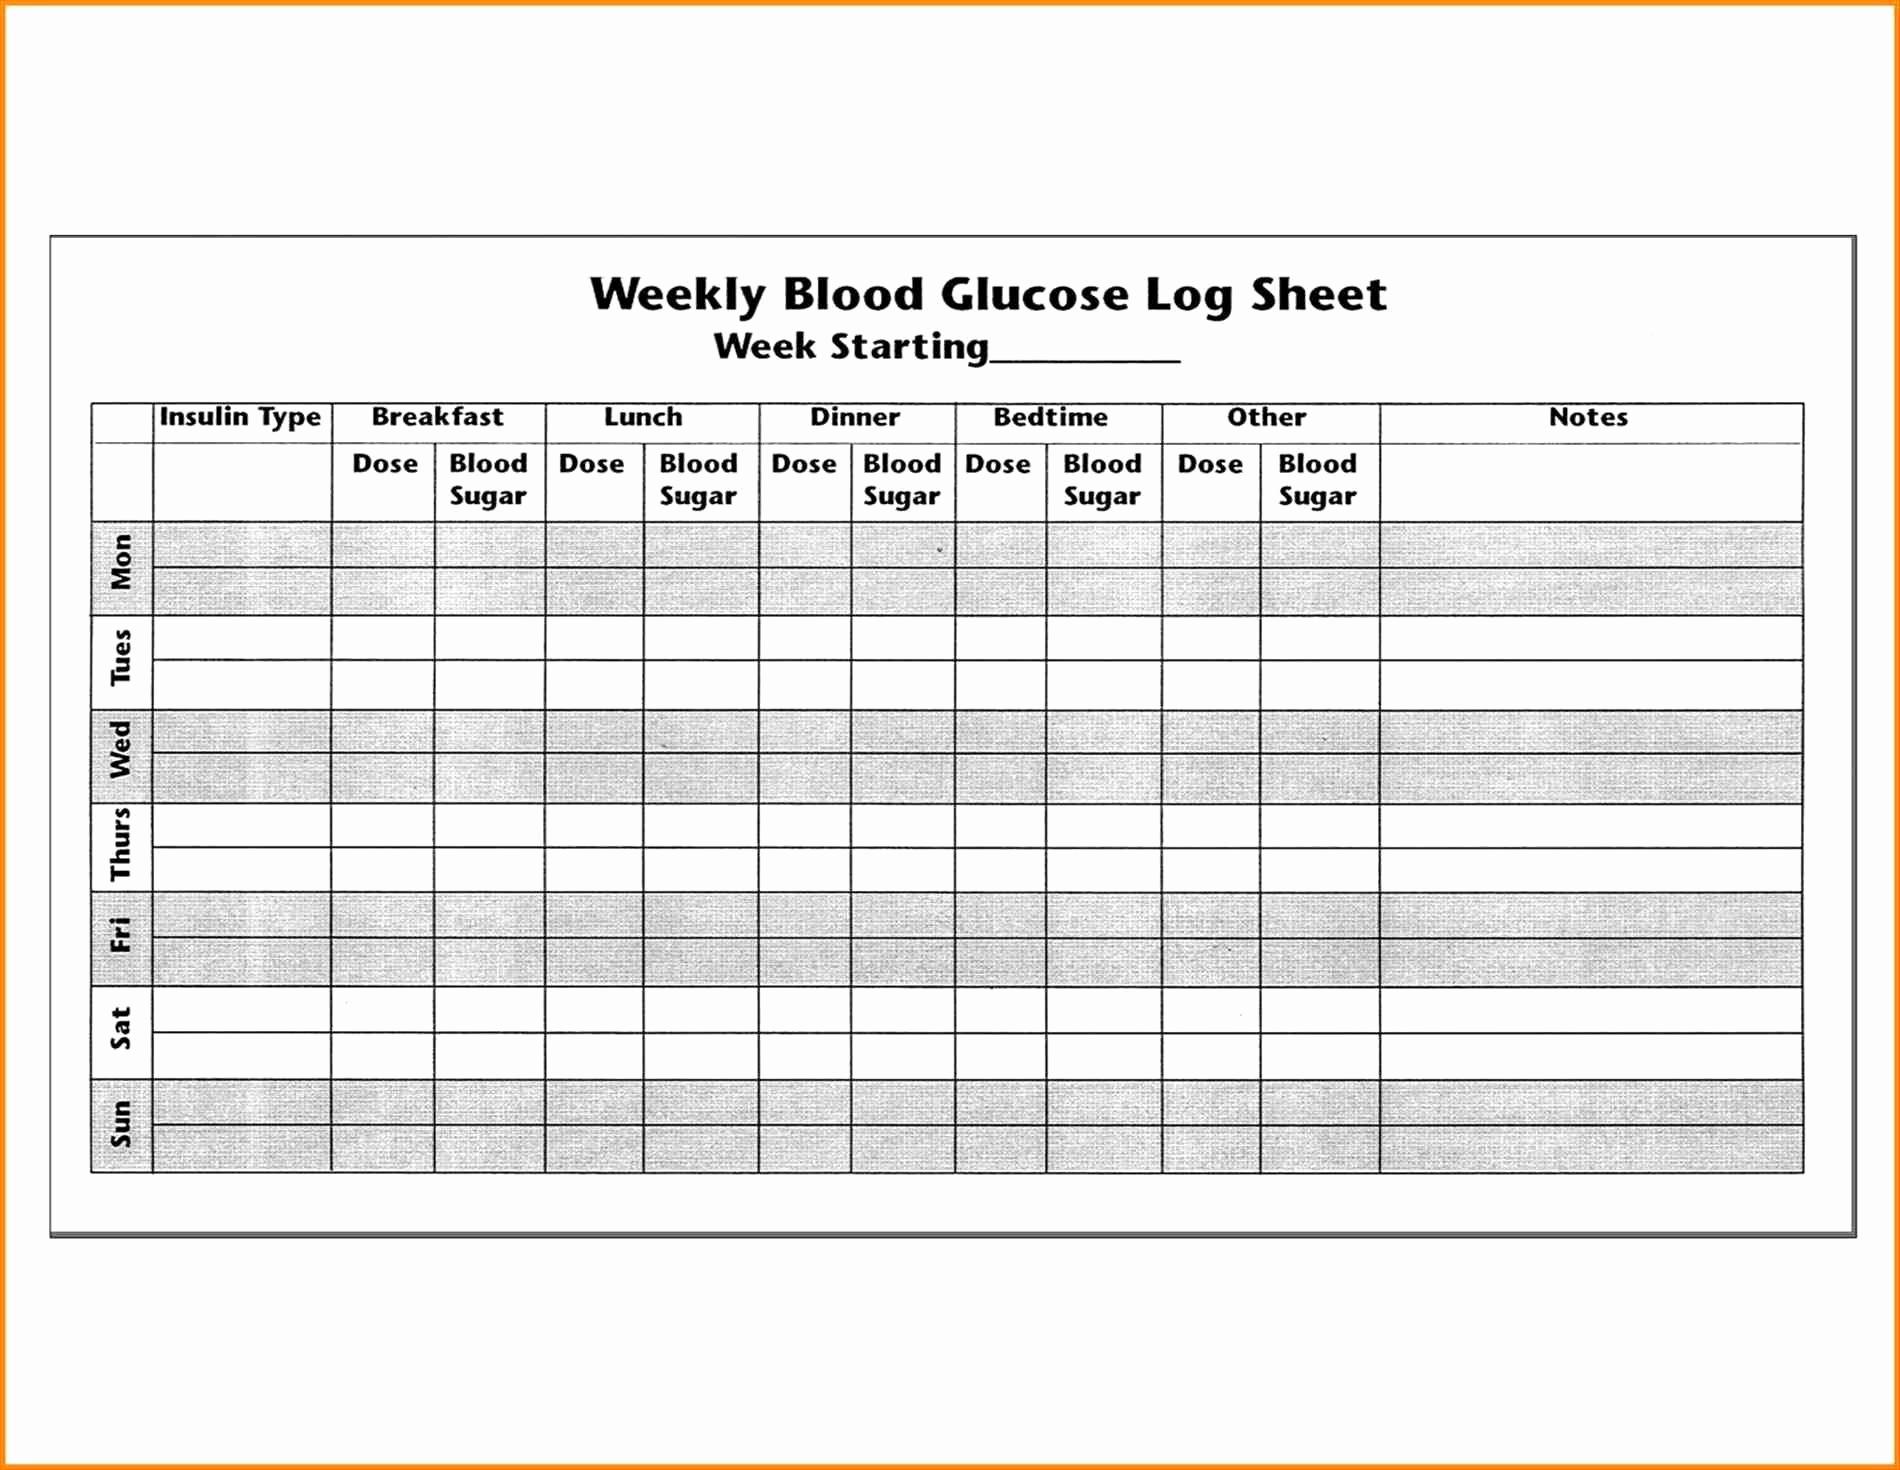 Blood Sugar Log Sheet Pdf Inspirational Blood Sugar Logs Biodata format Glucose Pdf Log Book